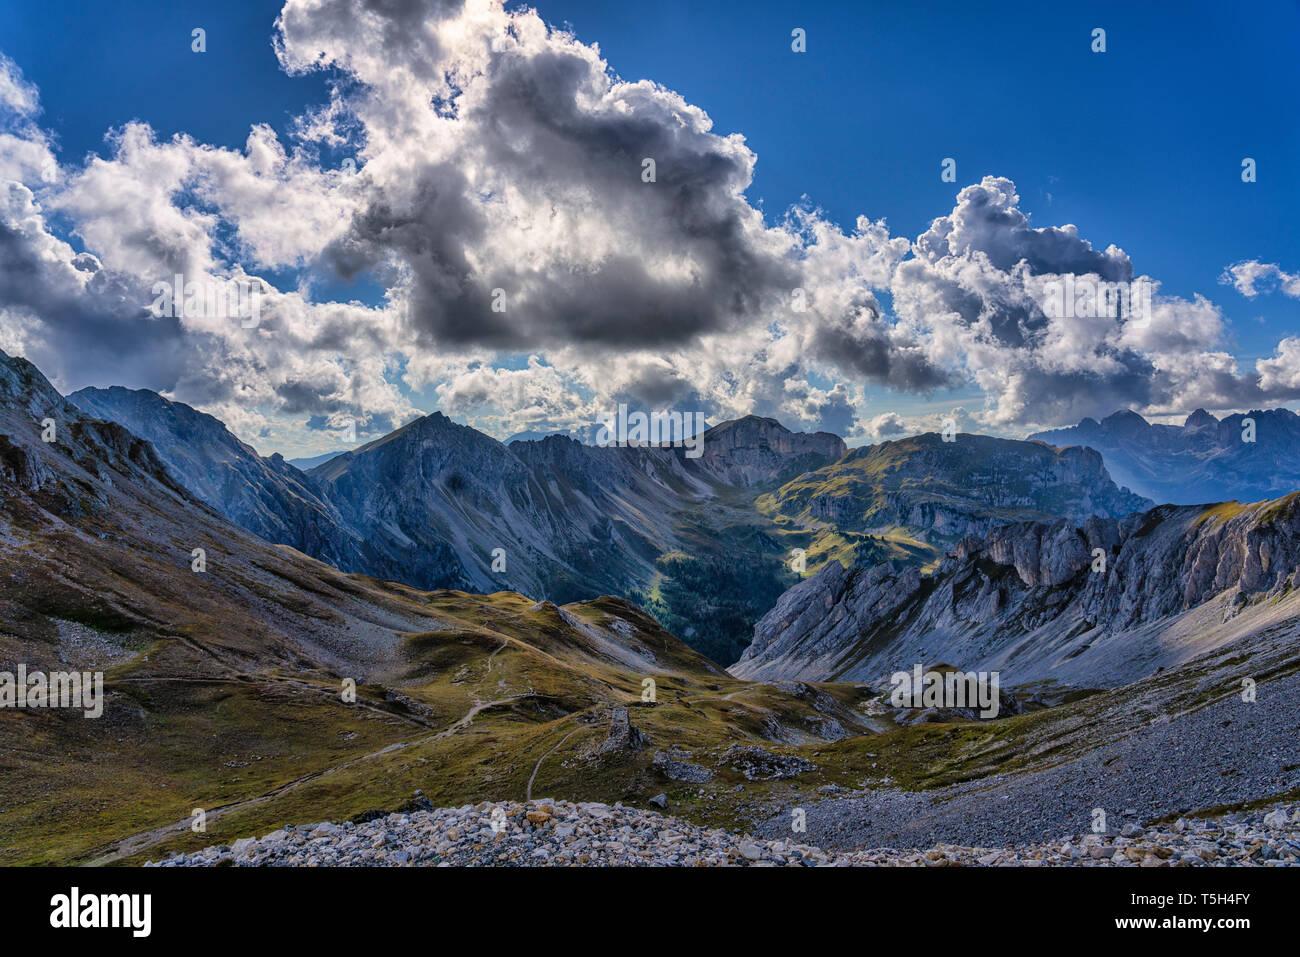 Italy, Veneto, Dolomites, San Pellegrino Pass, Alta Via Bepi Zac Stock Photo